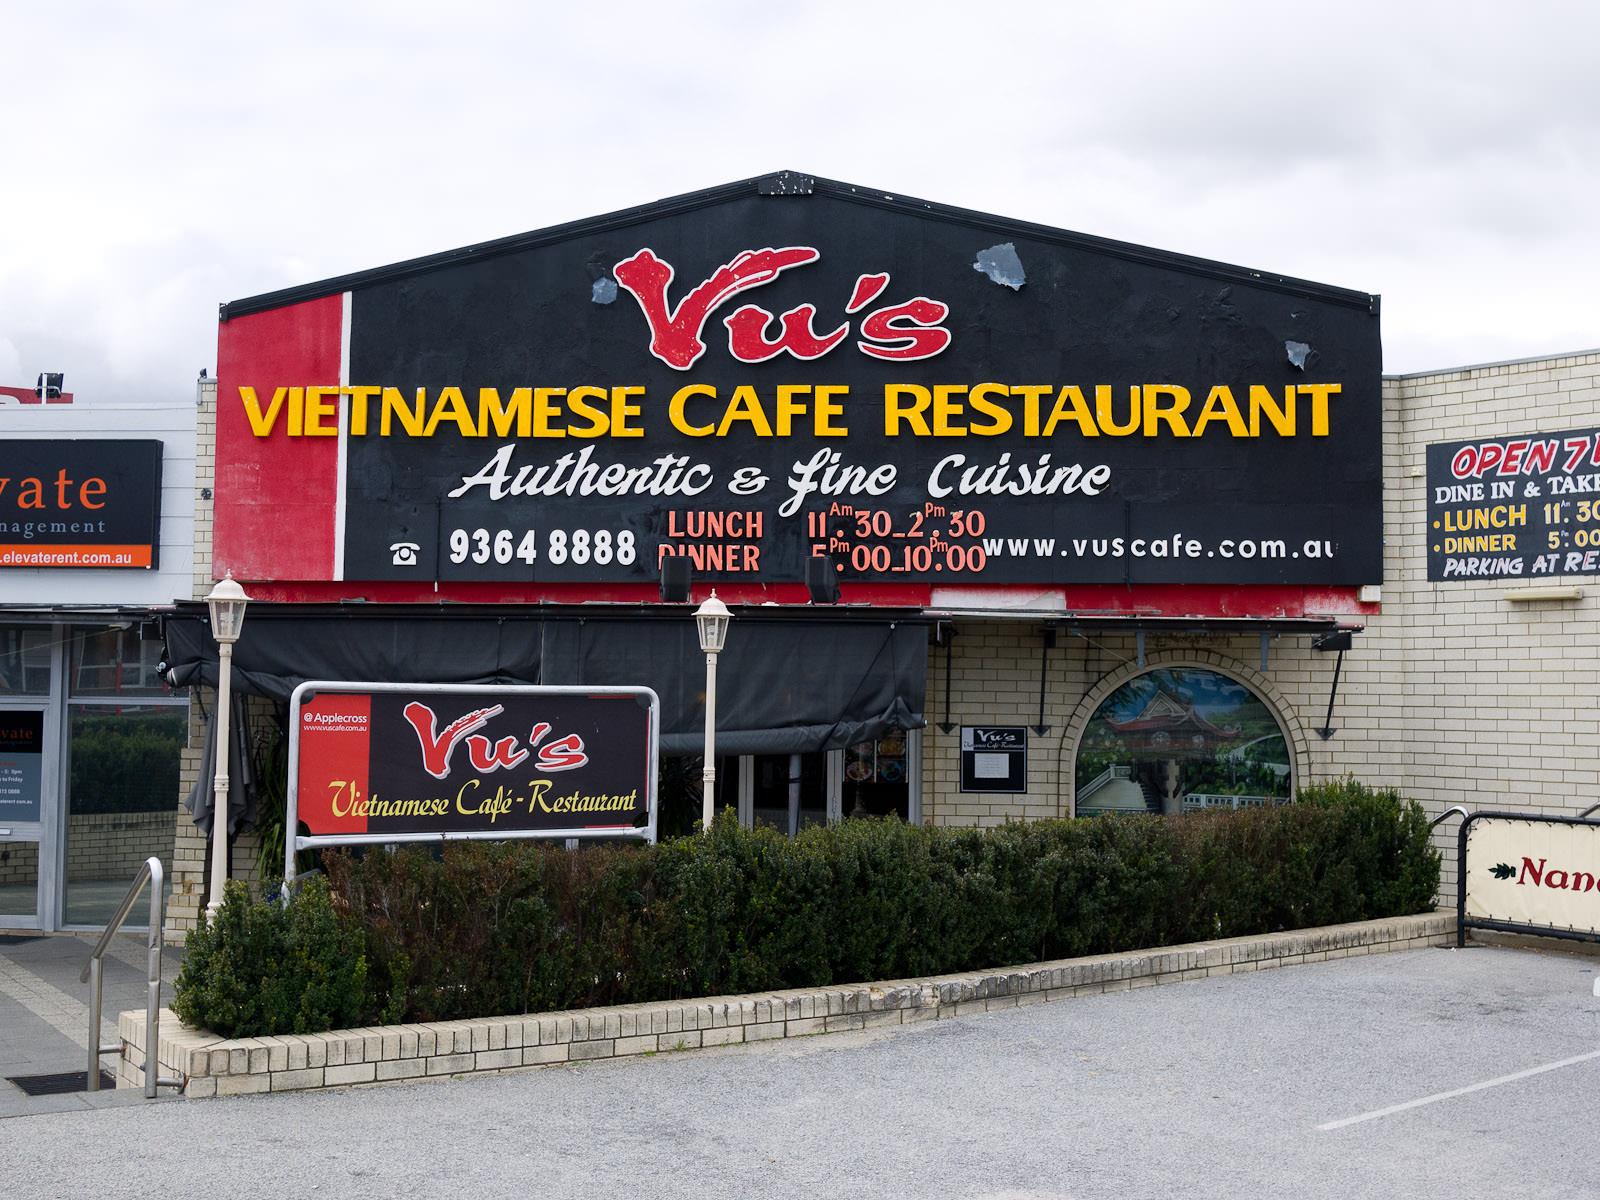 Vu's Vietnamese Cafe Restaurant, Applecross - frontage